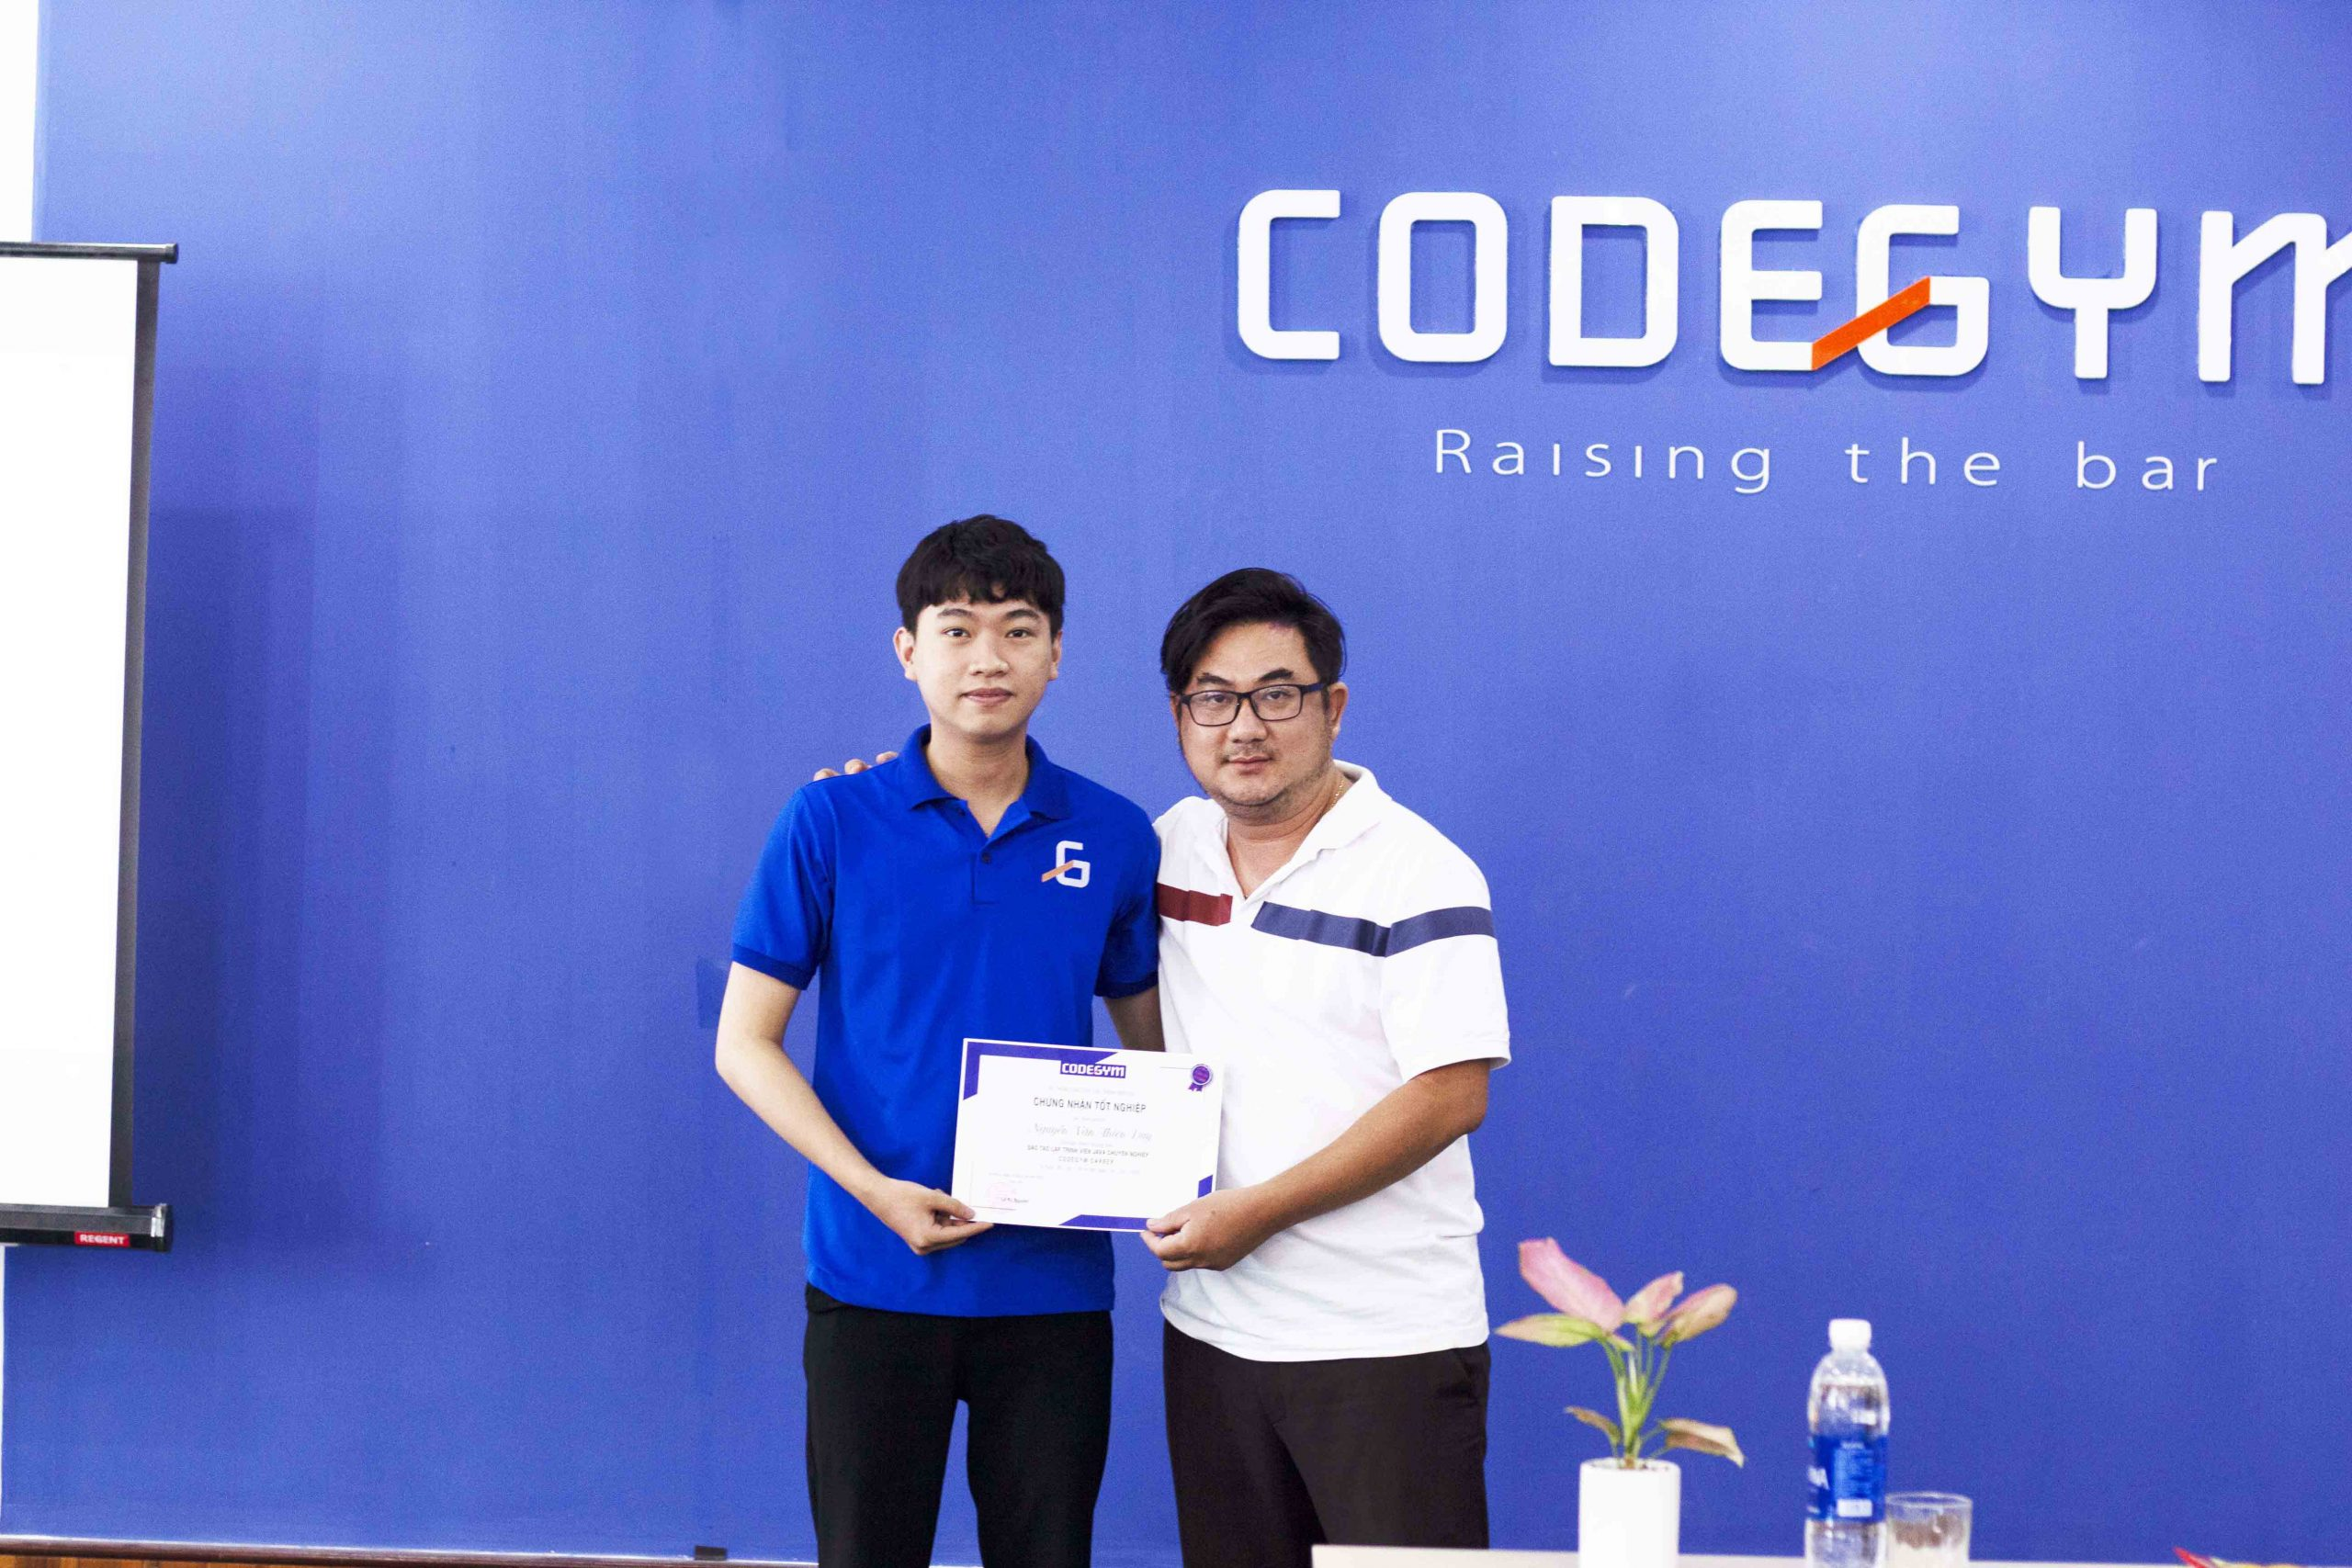 Giám đốc CodeGym Đà Nẵng trao chứng chỉ tốt nghiệp